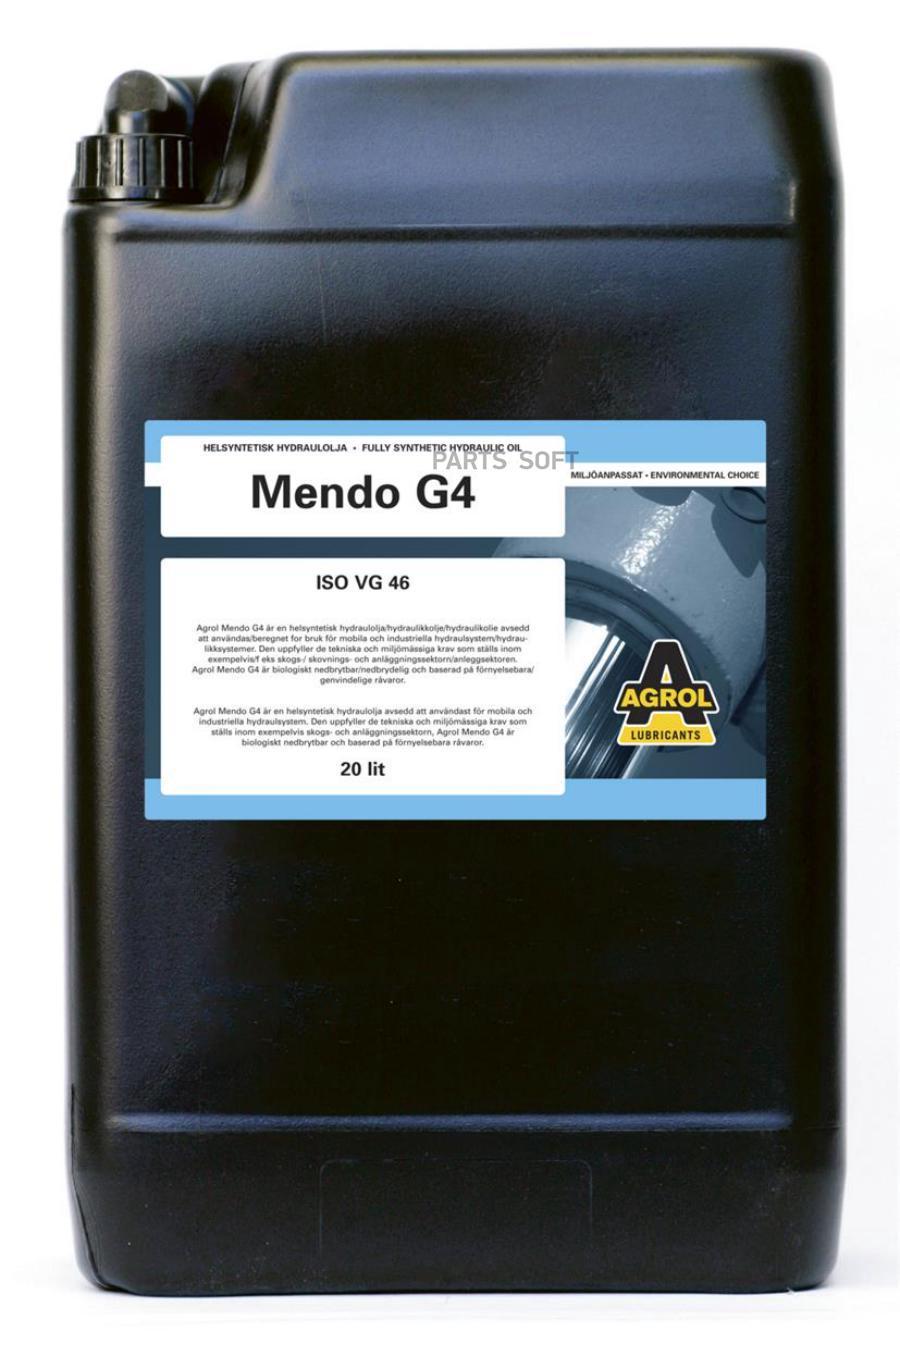 Mendo G4 32